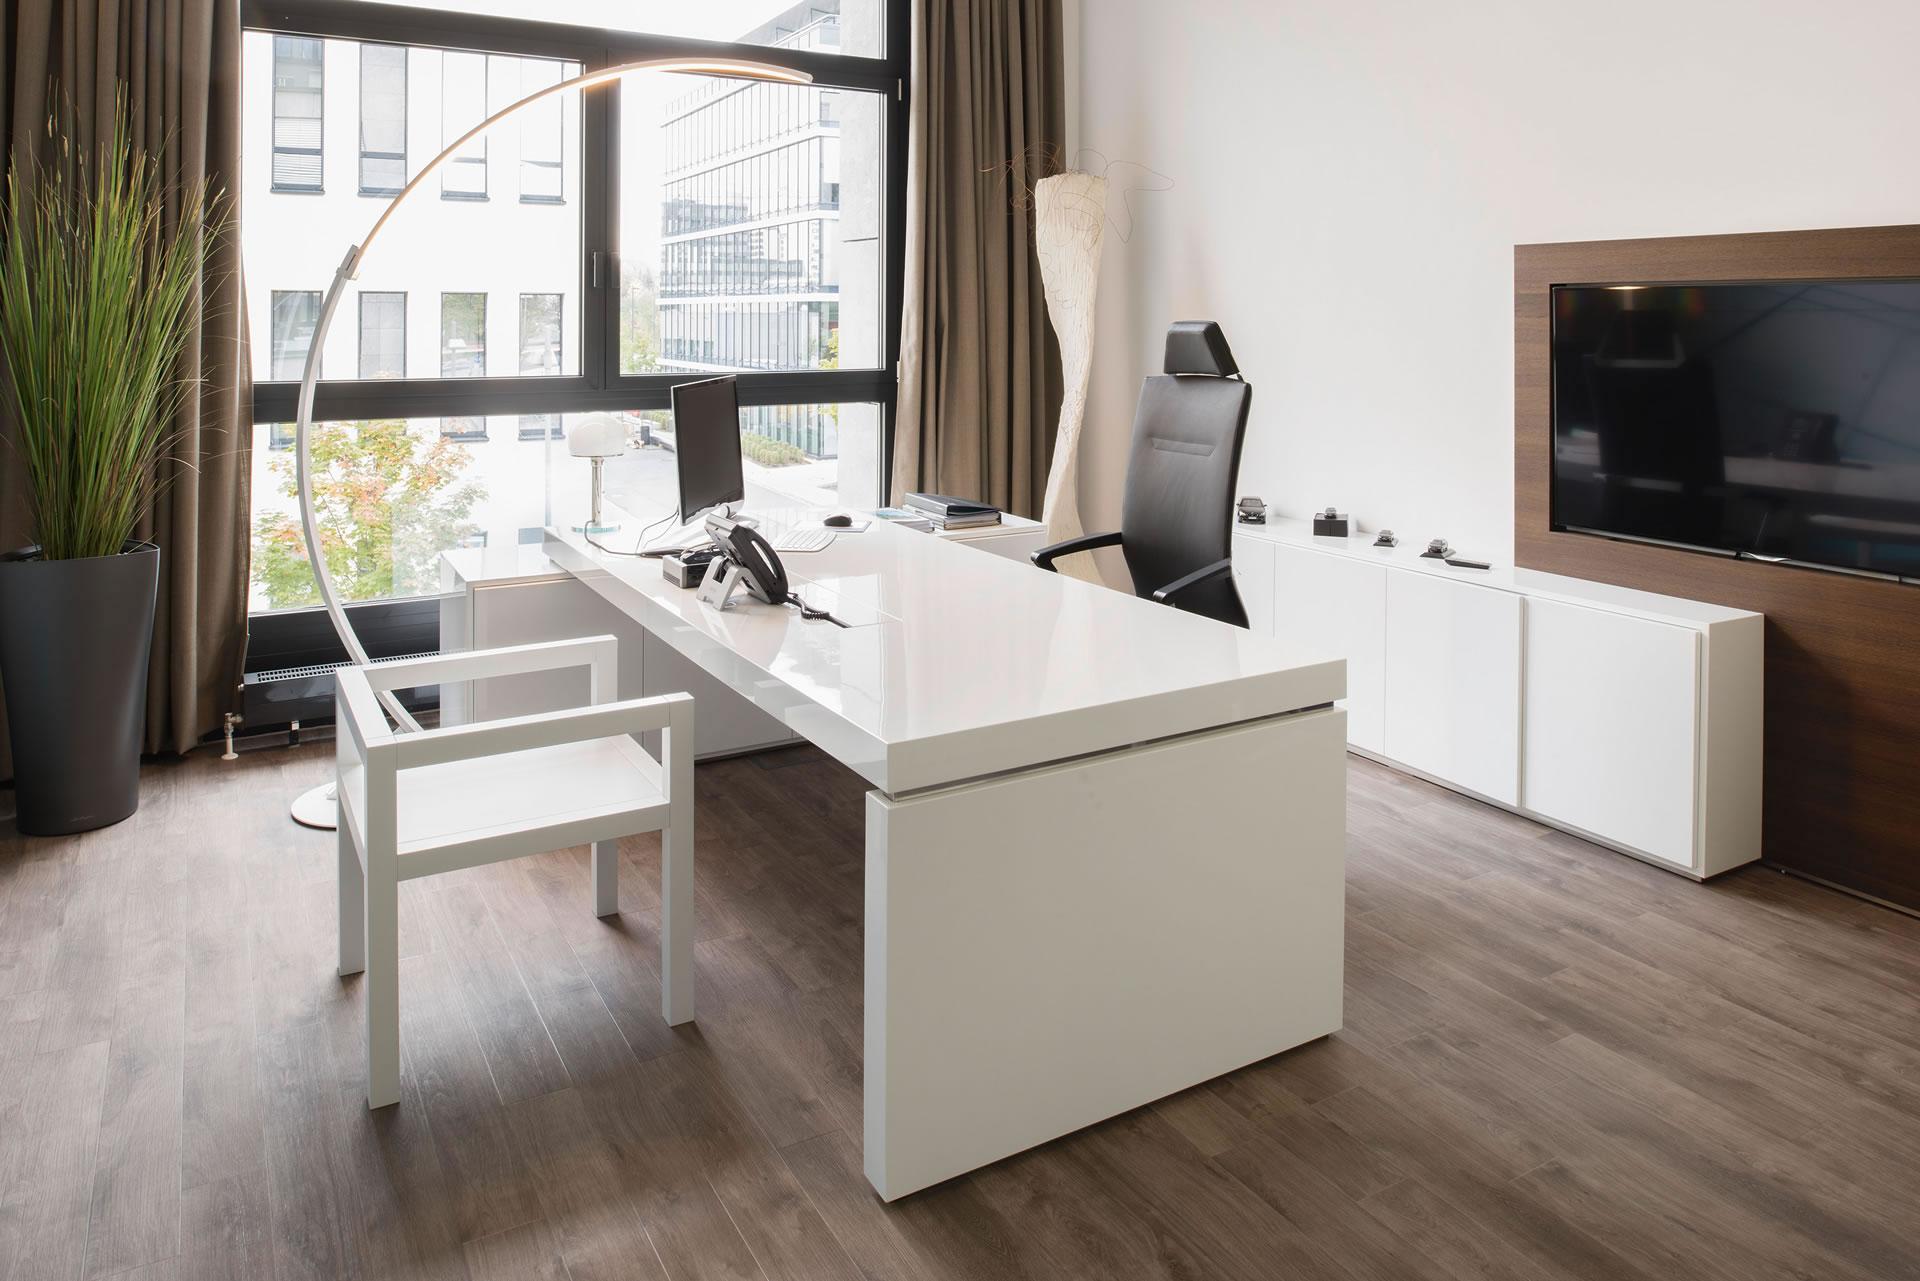 Büromöbel weiss  Büromöbel in Hochglanz weiß ▭ RECHTECK Design-Möbel